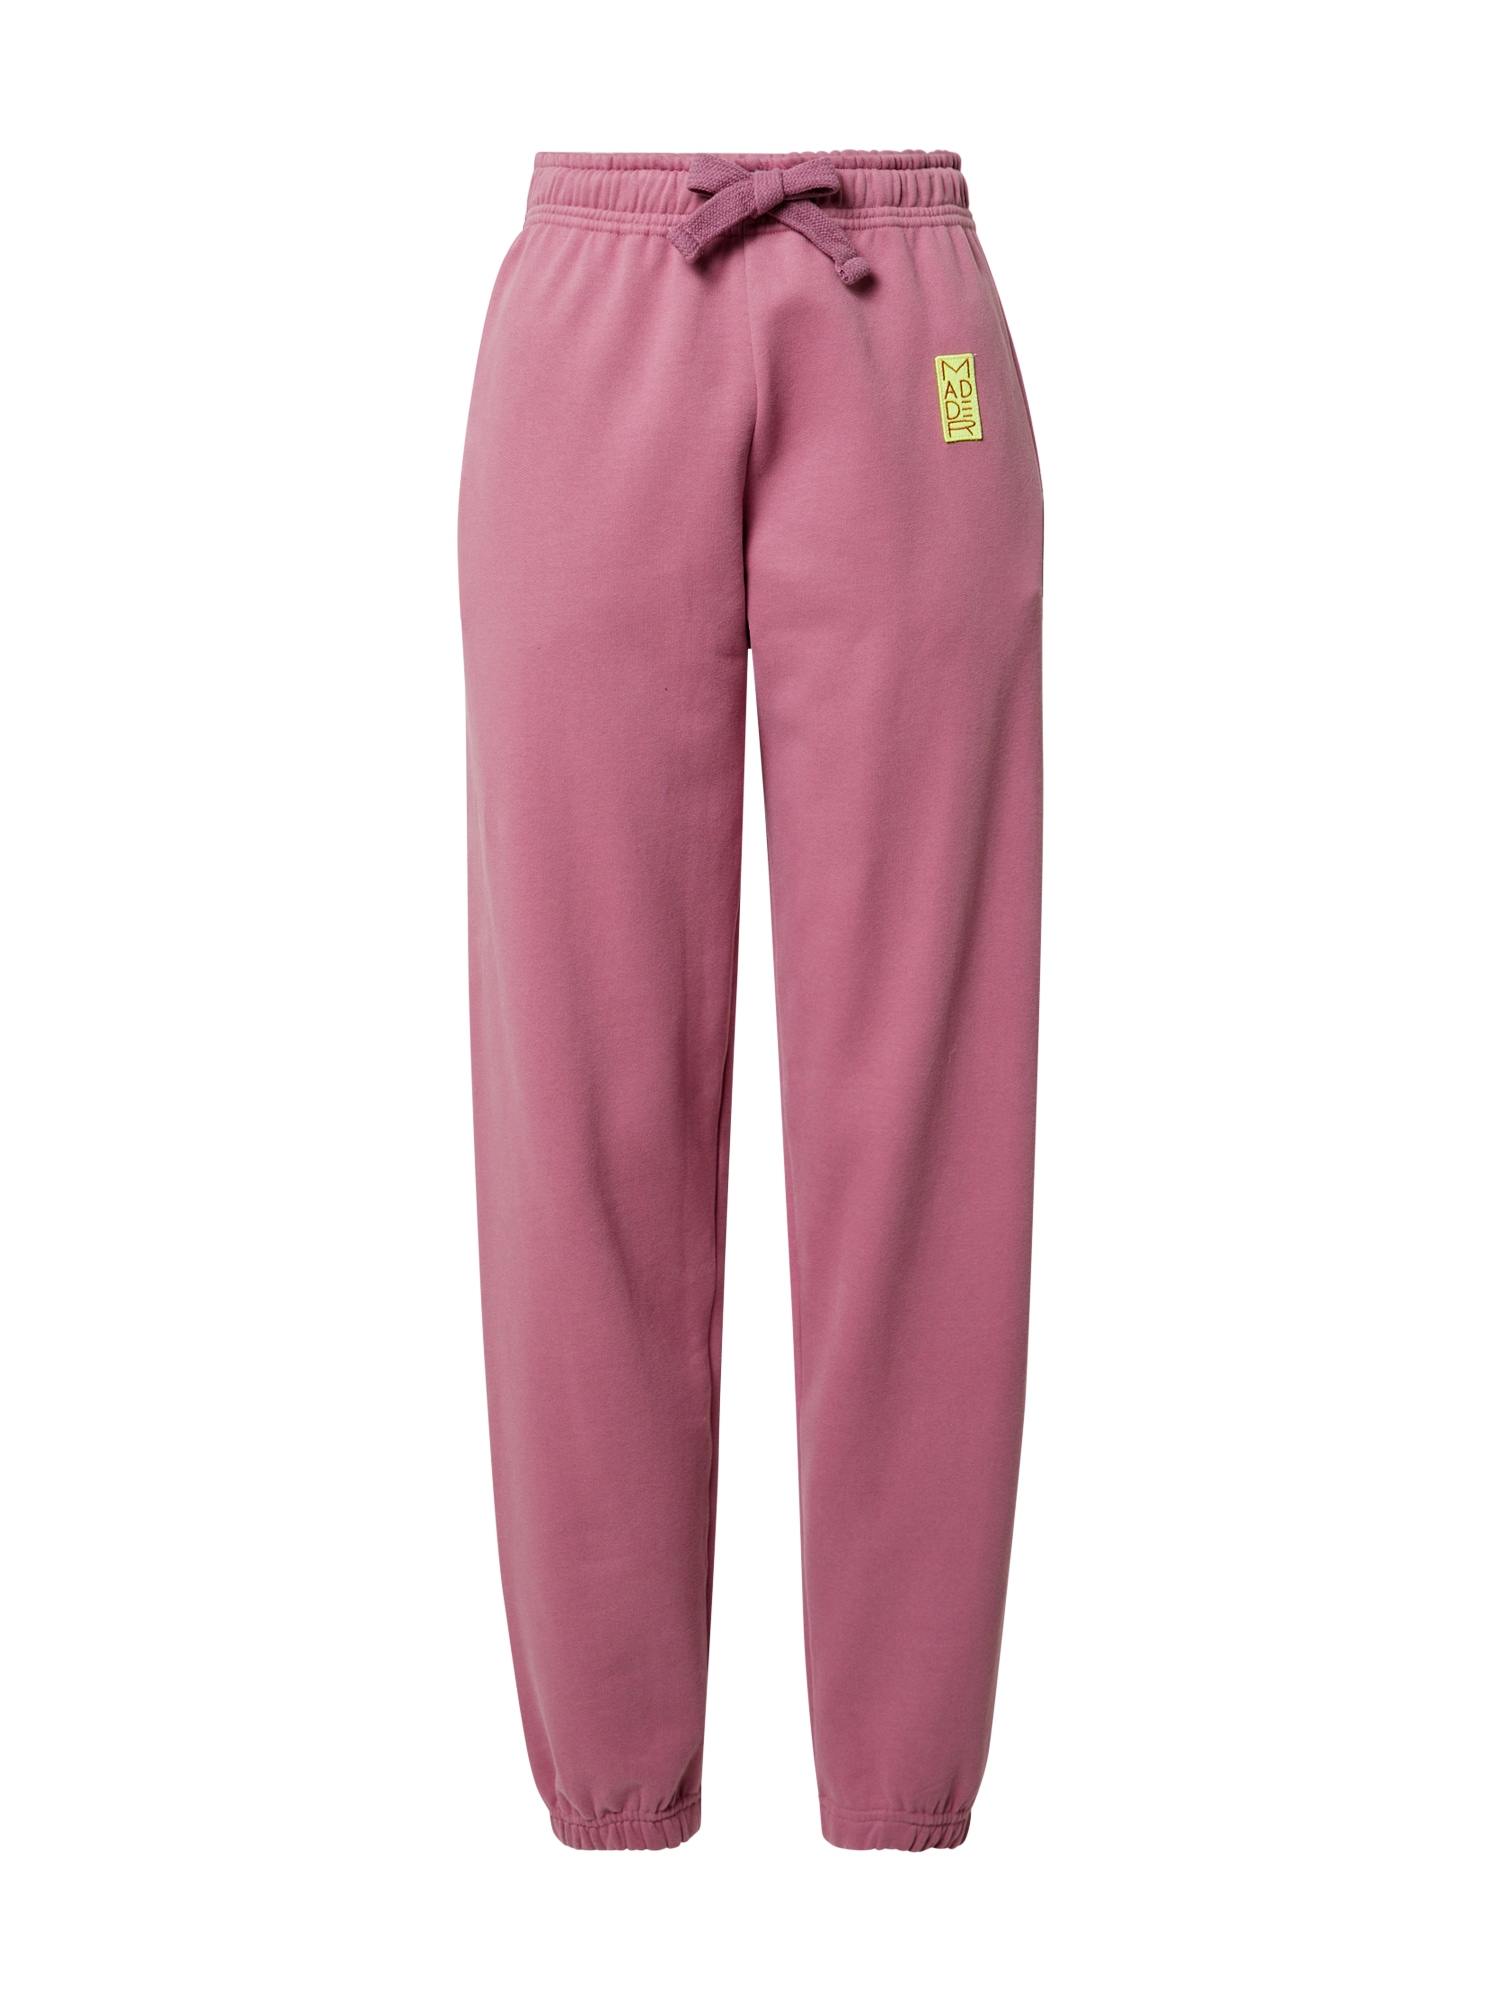 Damson Madder Kelnės ryškiai rožinė spalva